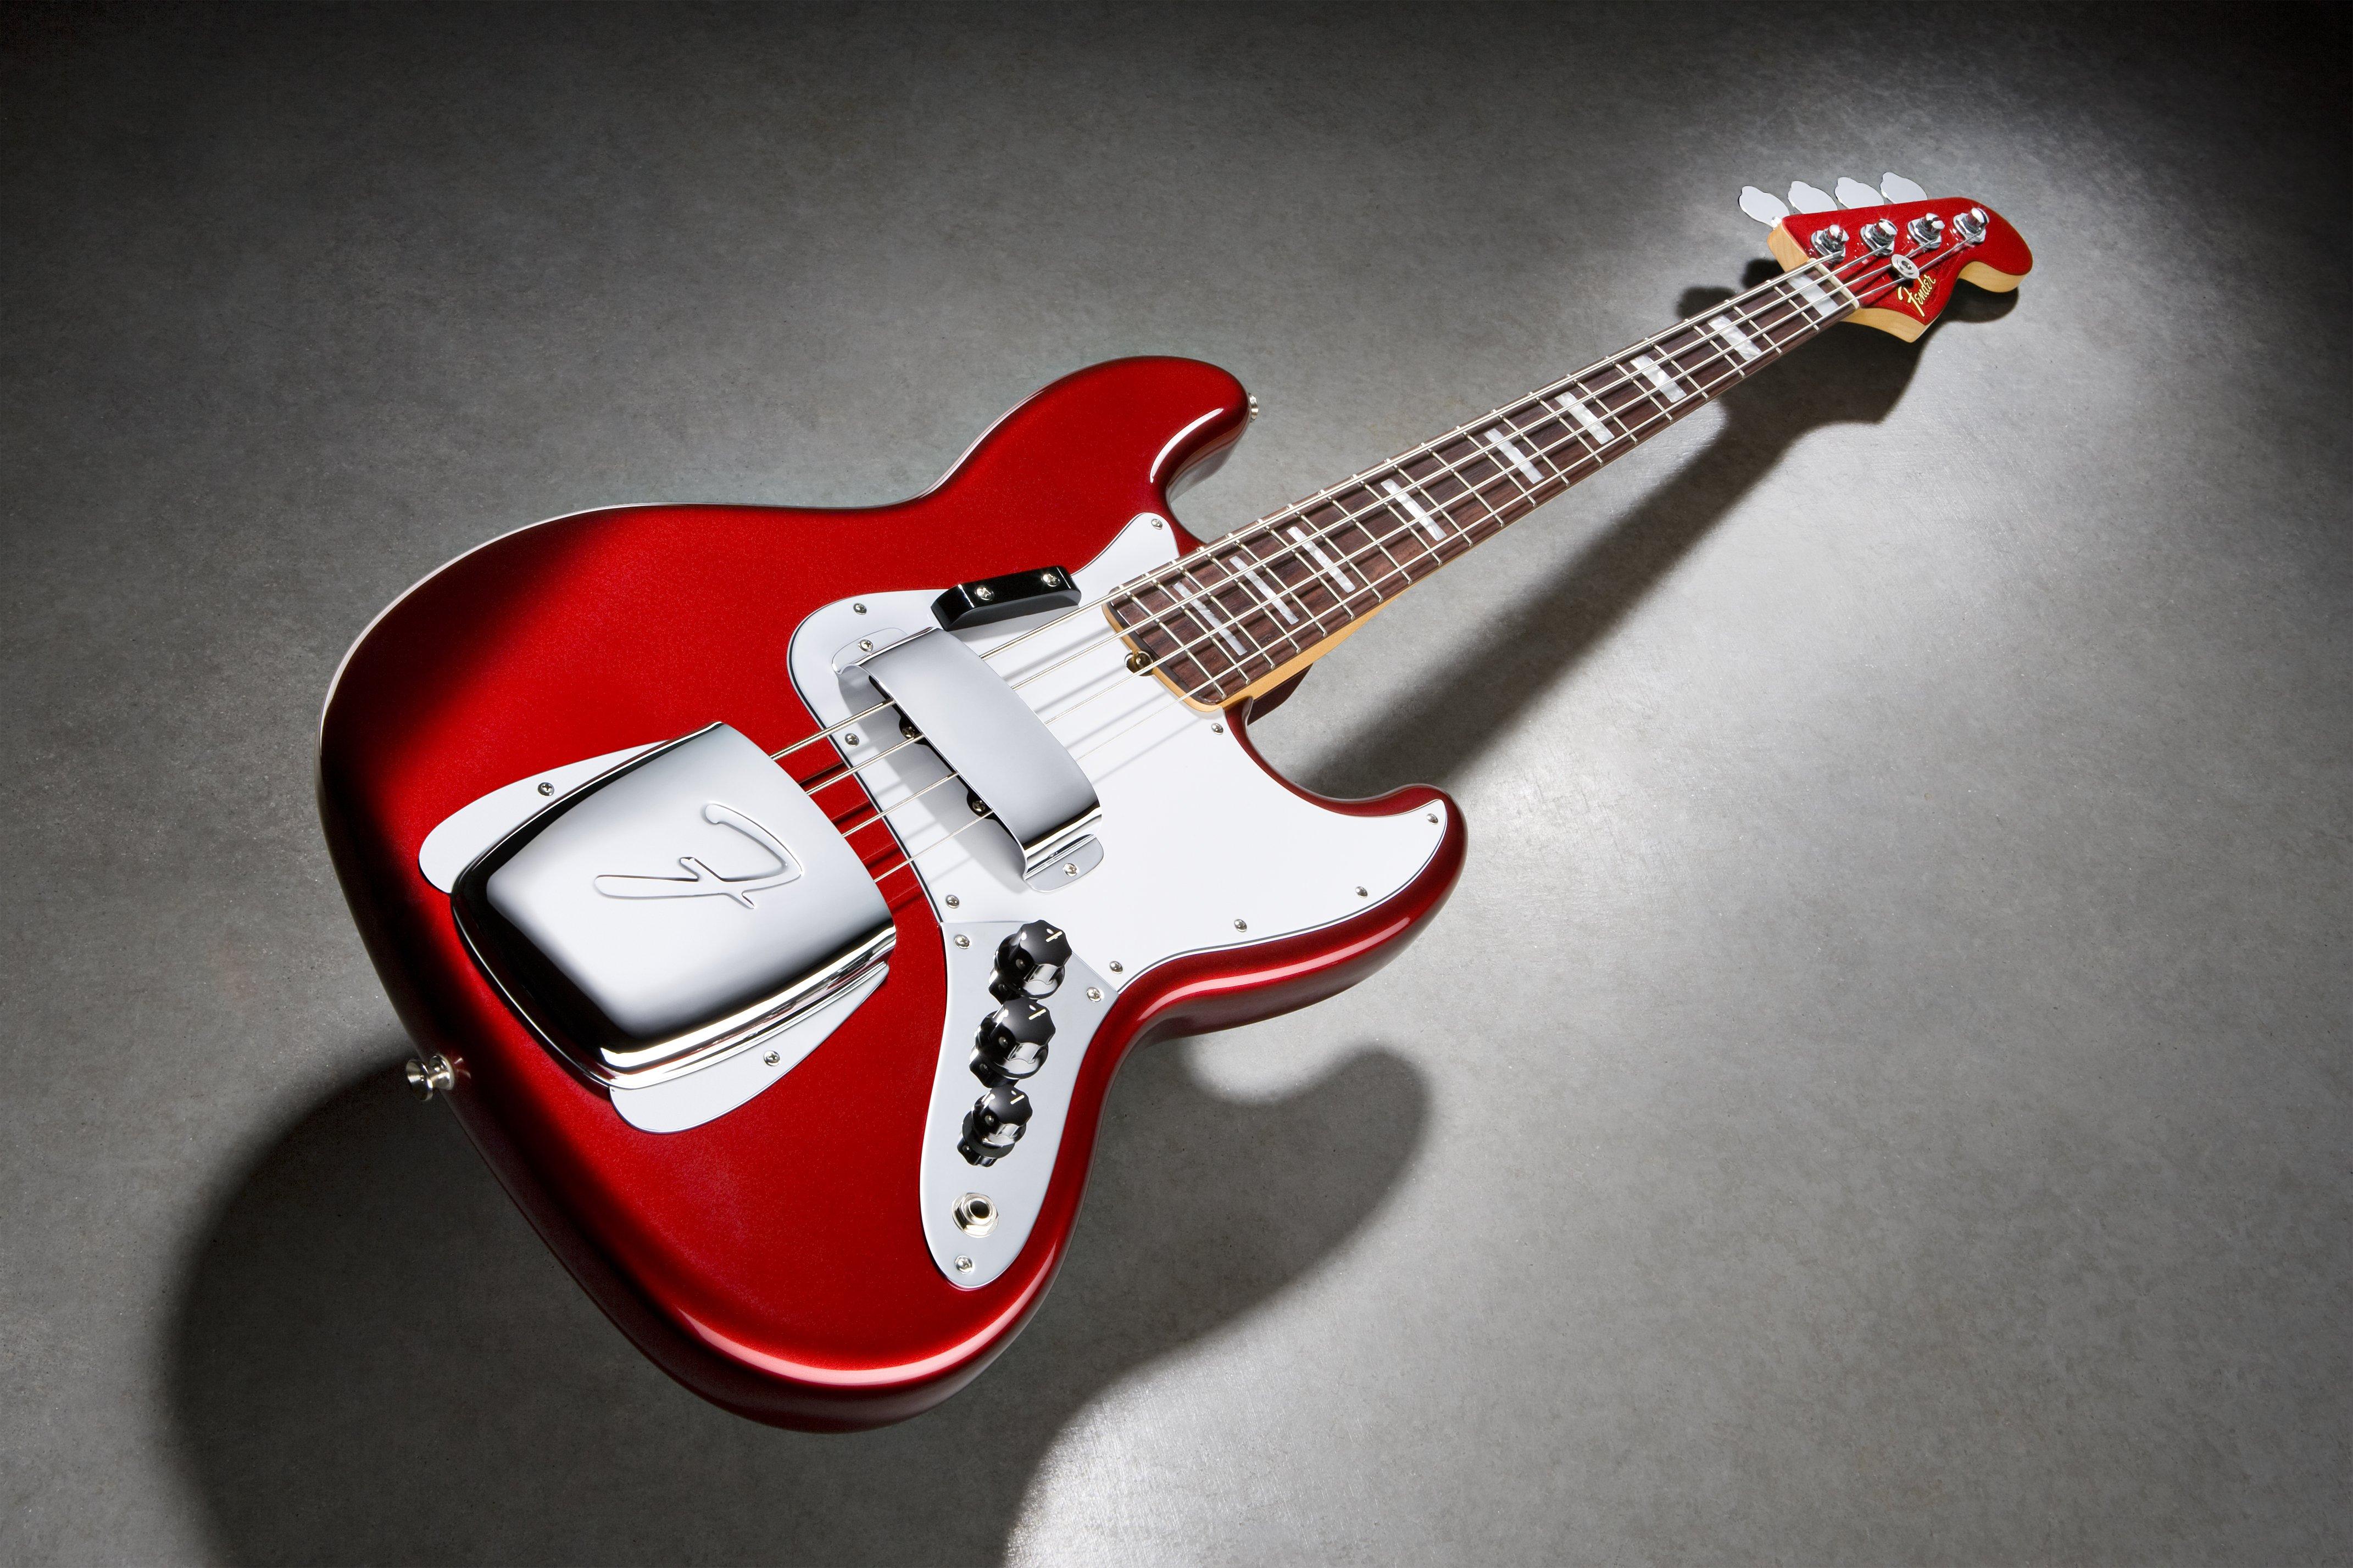 Bass Guitar Wallpaper 4283x2855